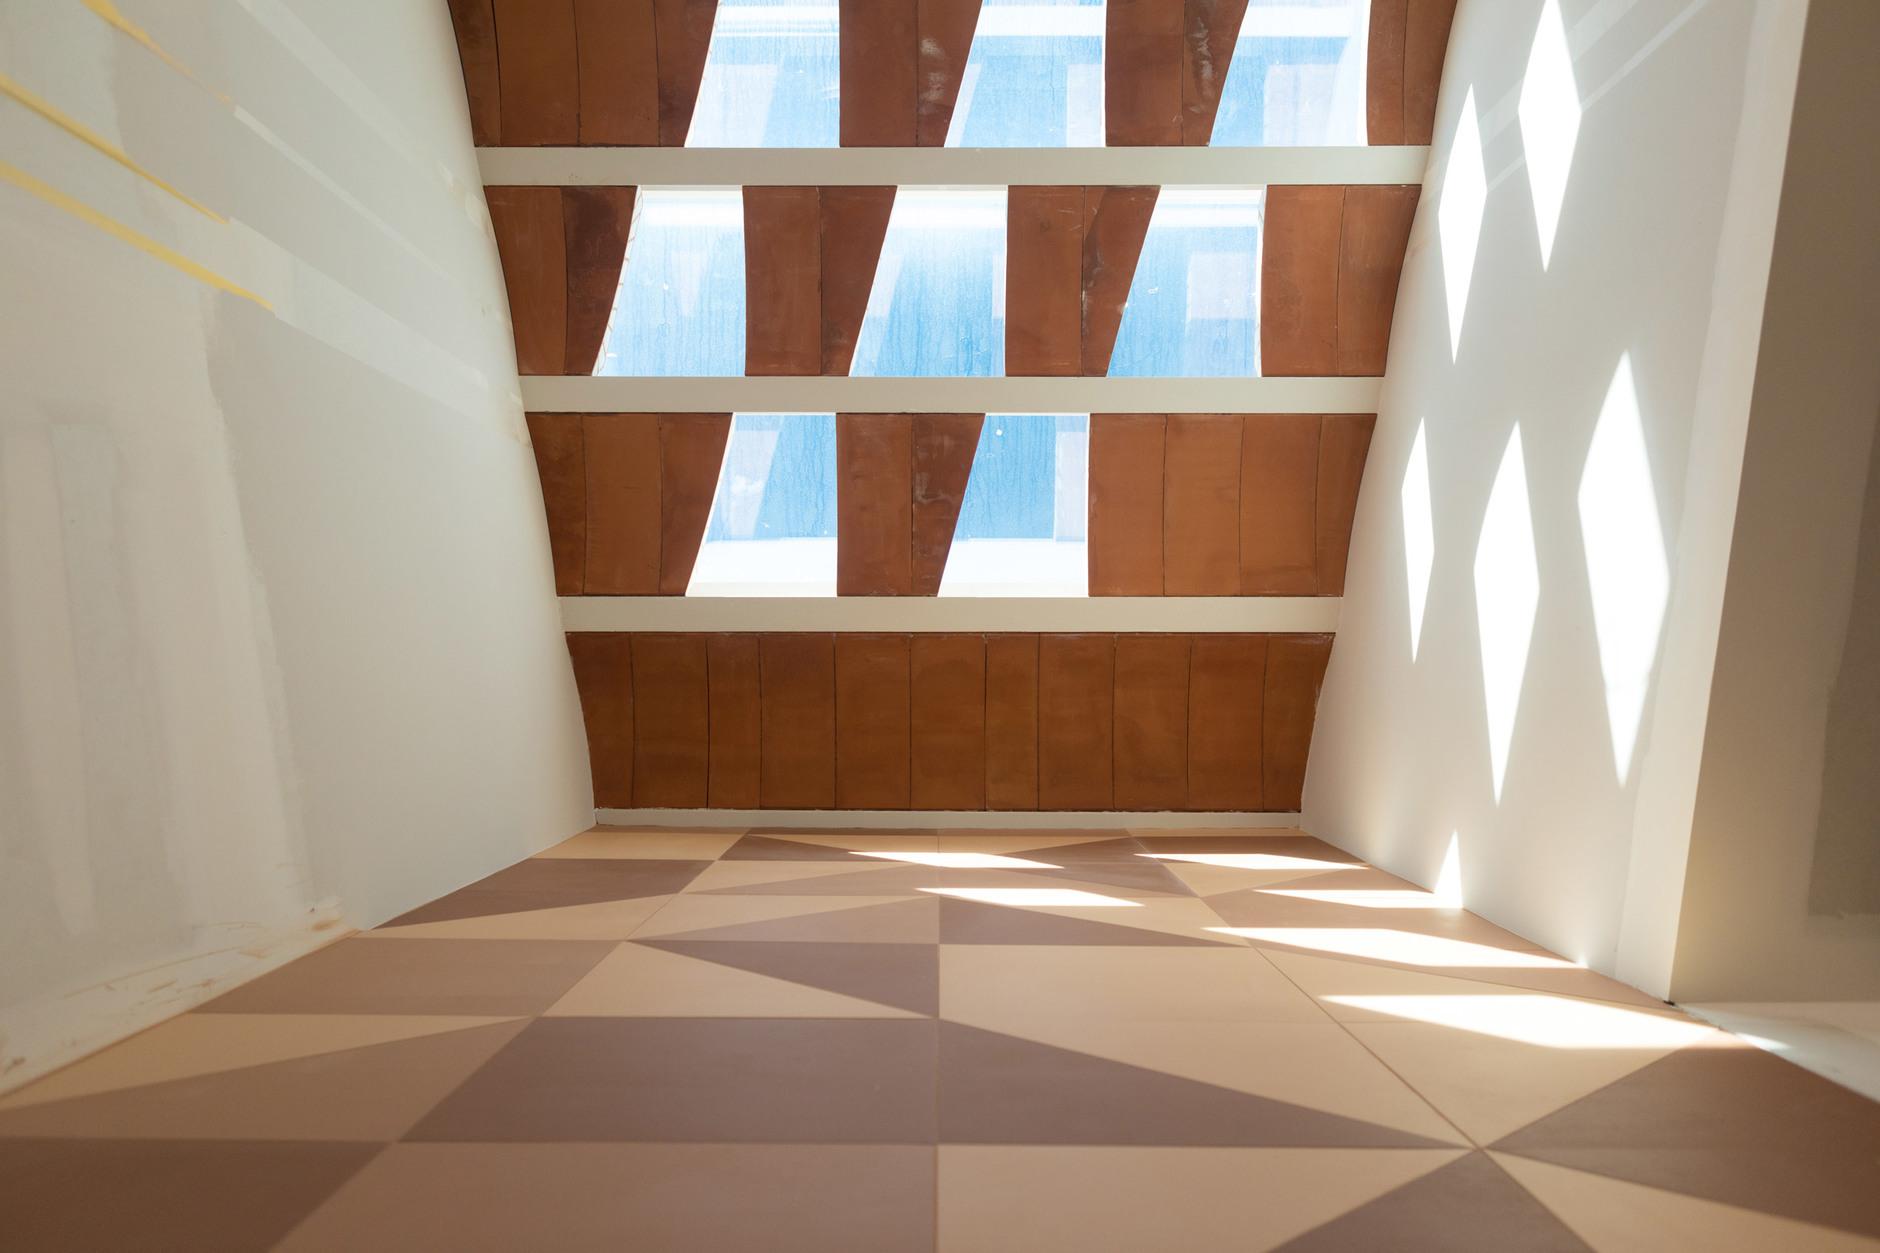 EMBT + Патрисия Уркиола: паллиативный центр в Барселоне (галерея 12, фото 0)